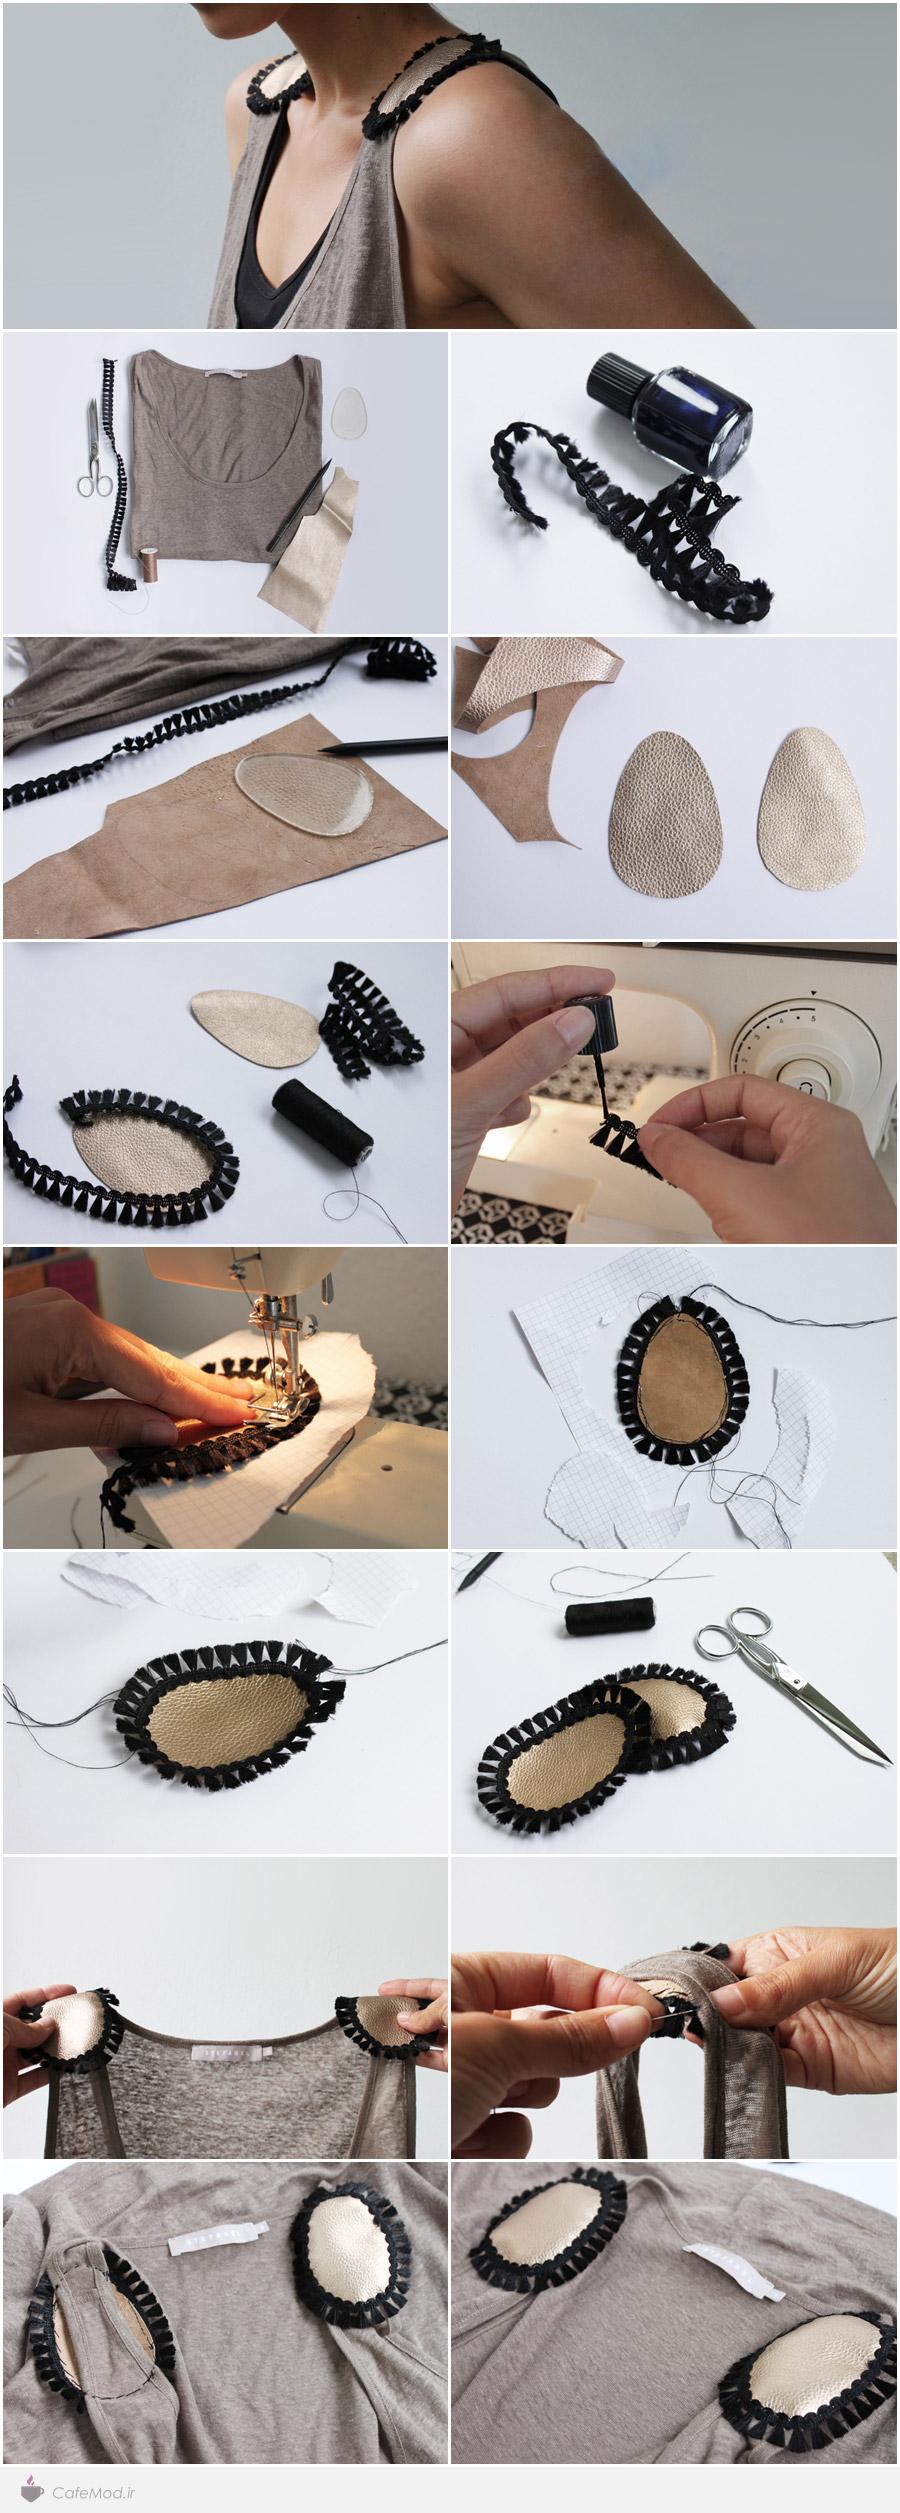 آموزش تزئین لباس